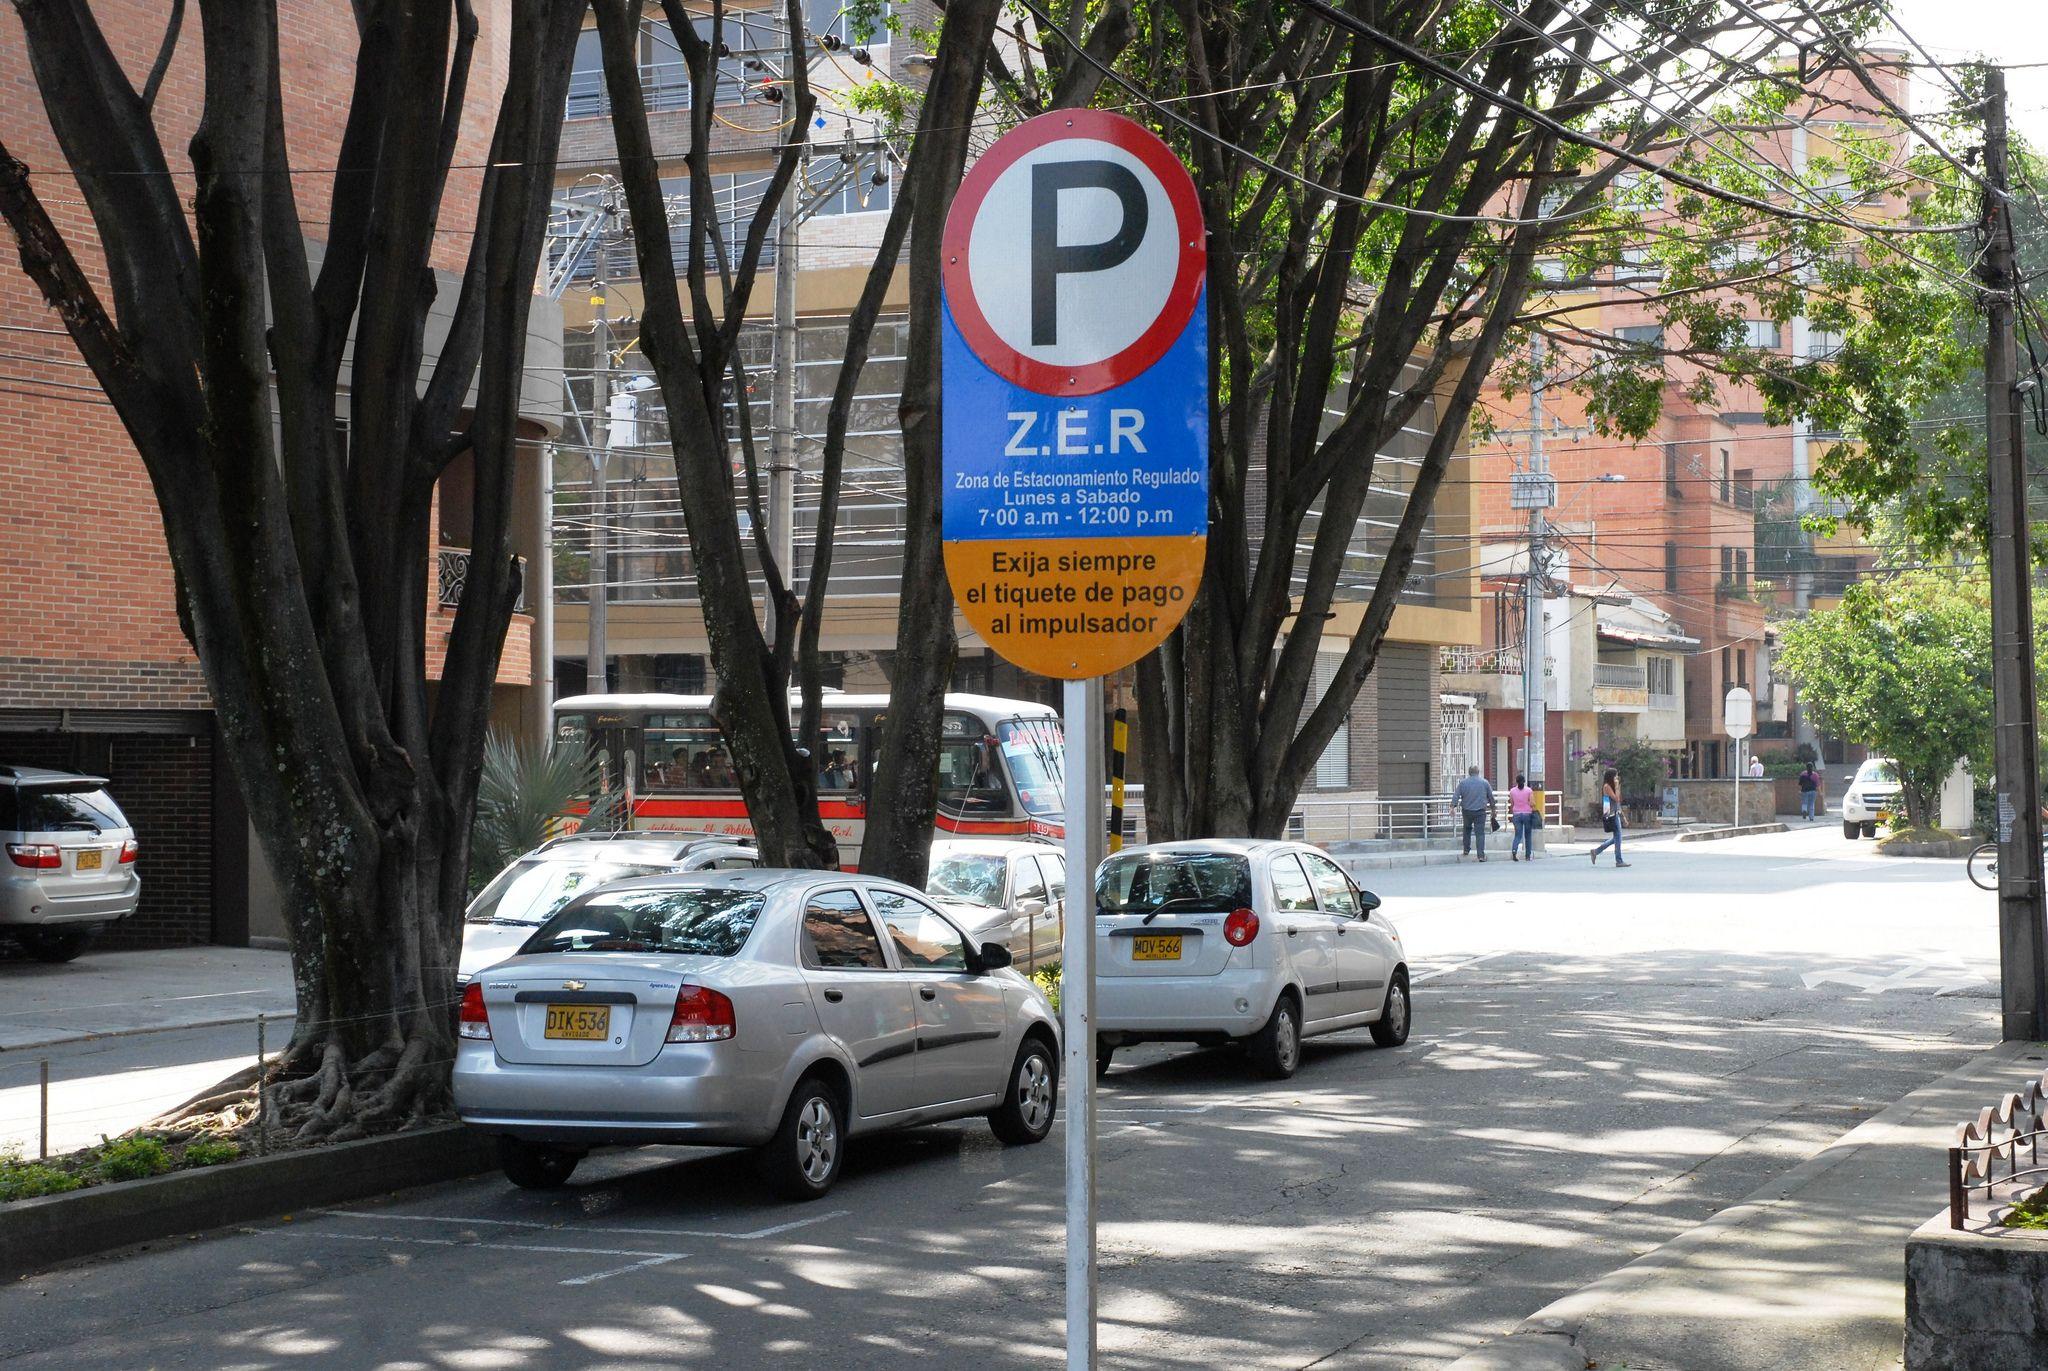 Zonas de Estacionamiento Regulado en Medellín